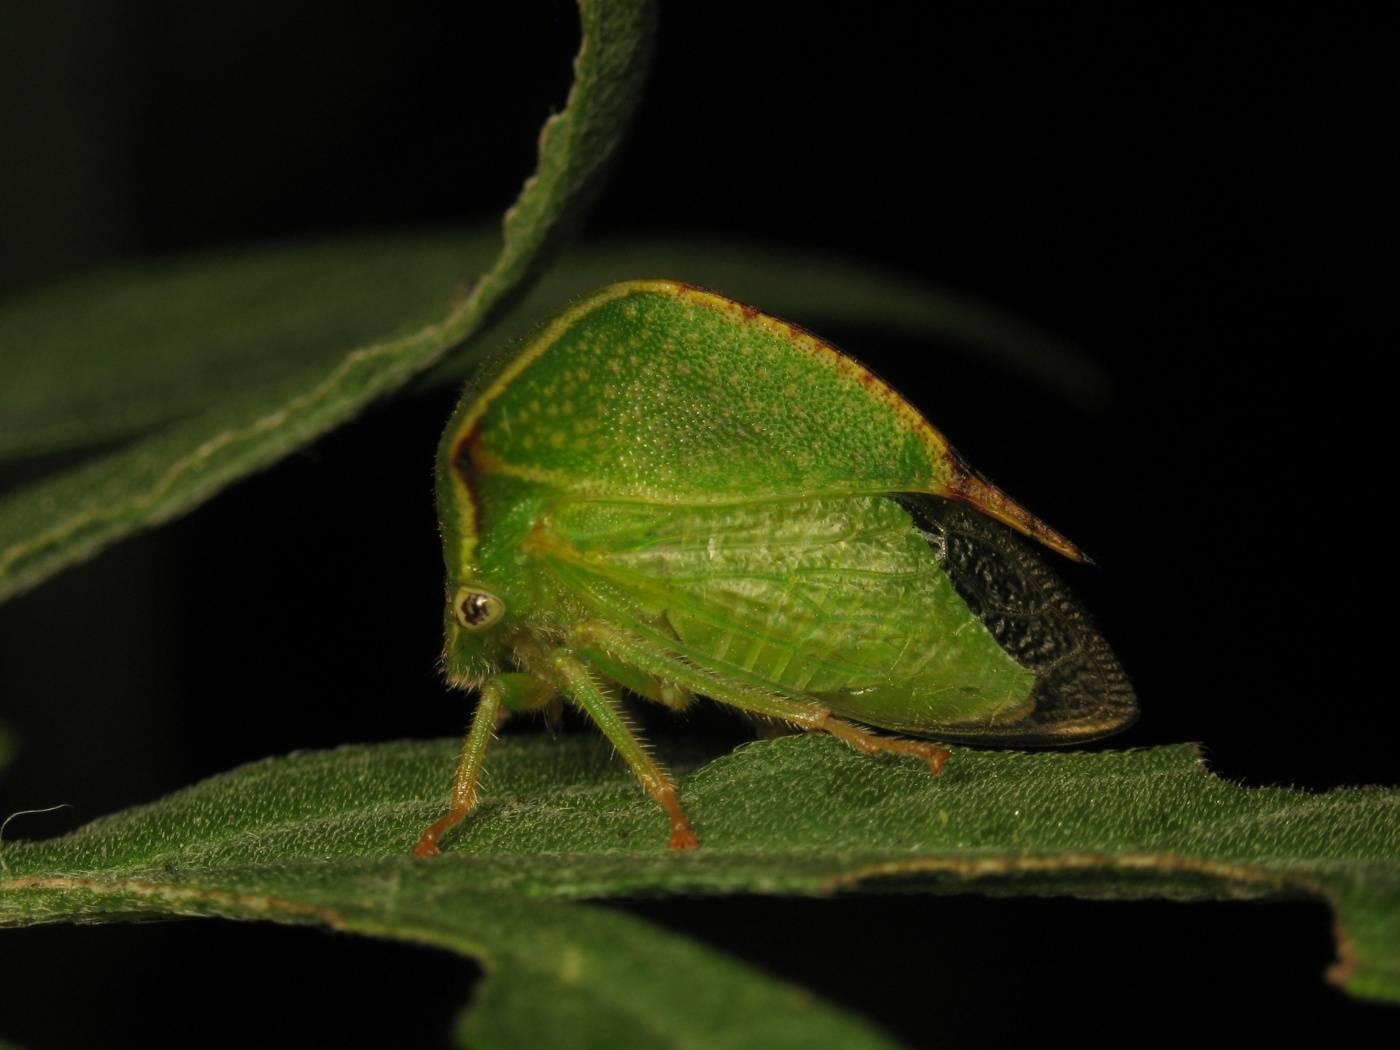 Цикадка: виды вредителей и способы борьбы